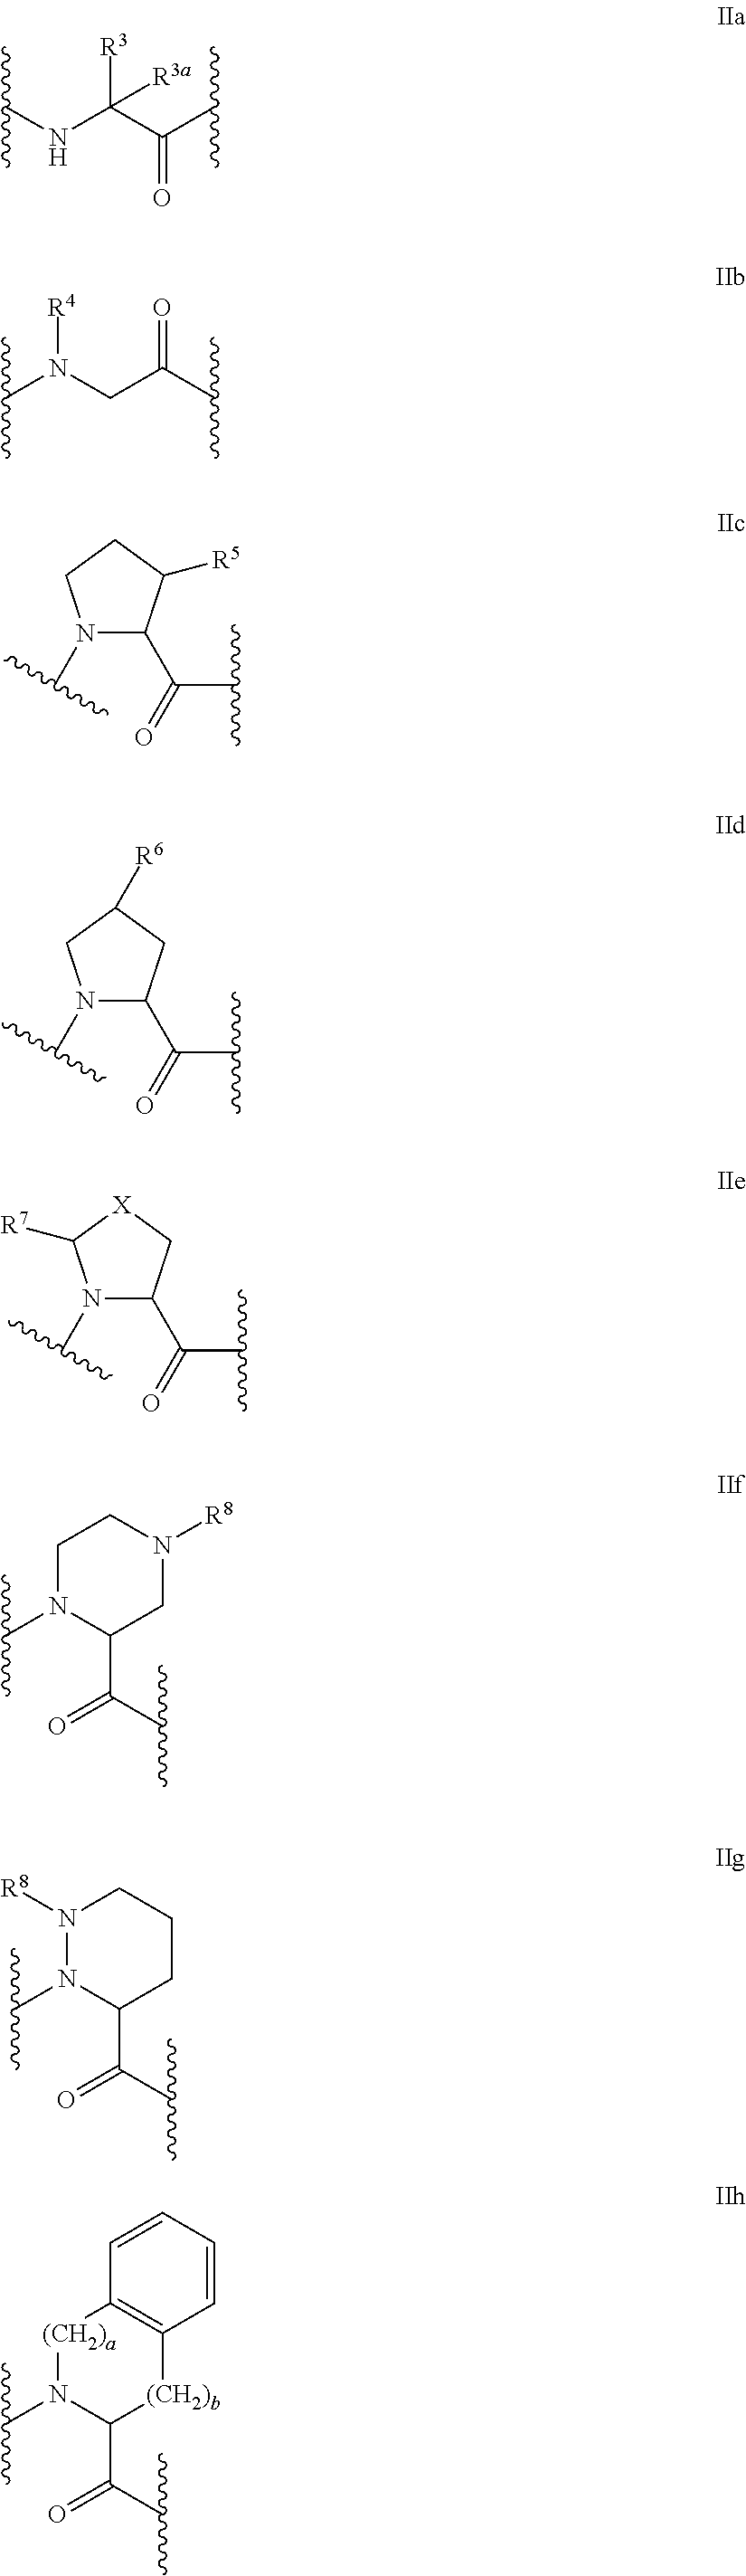 Figure US09956260-20180501-C00086